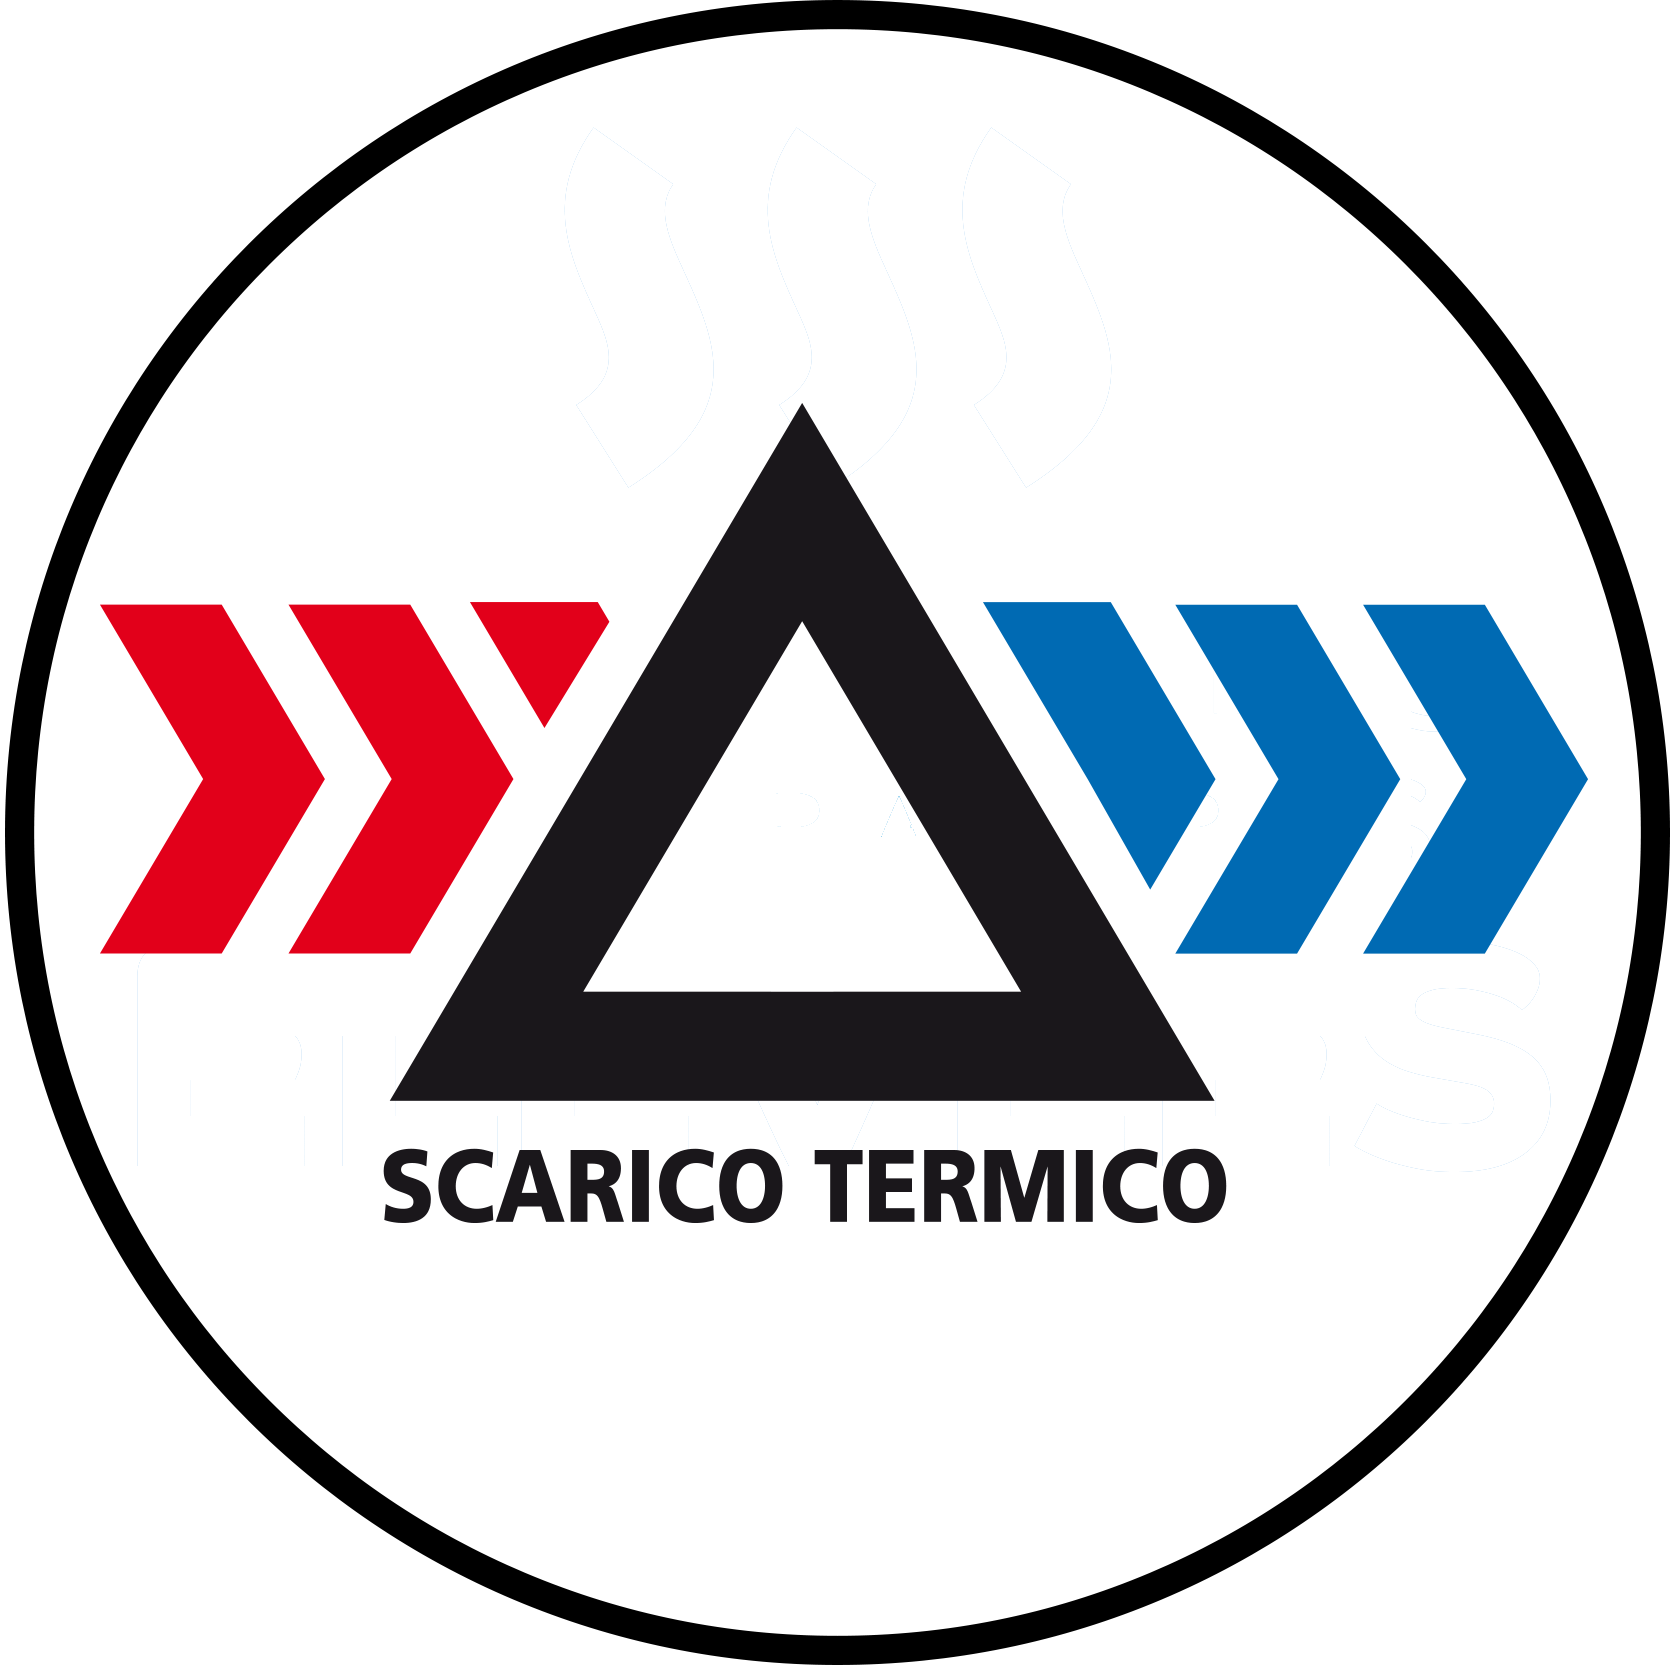 certificazione Scarico termico